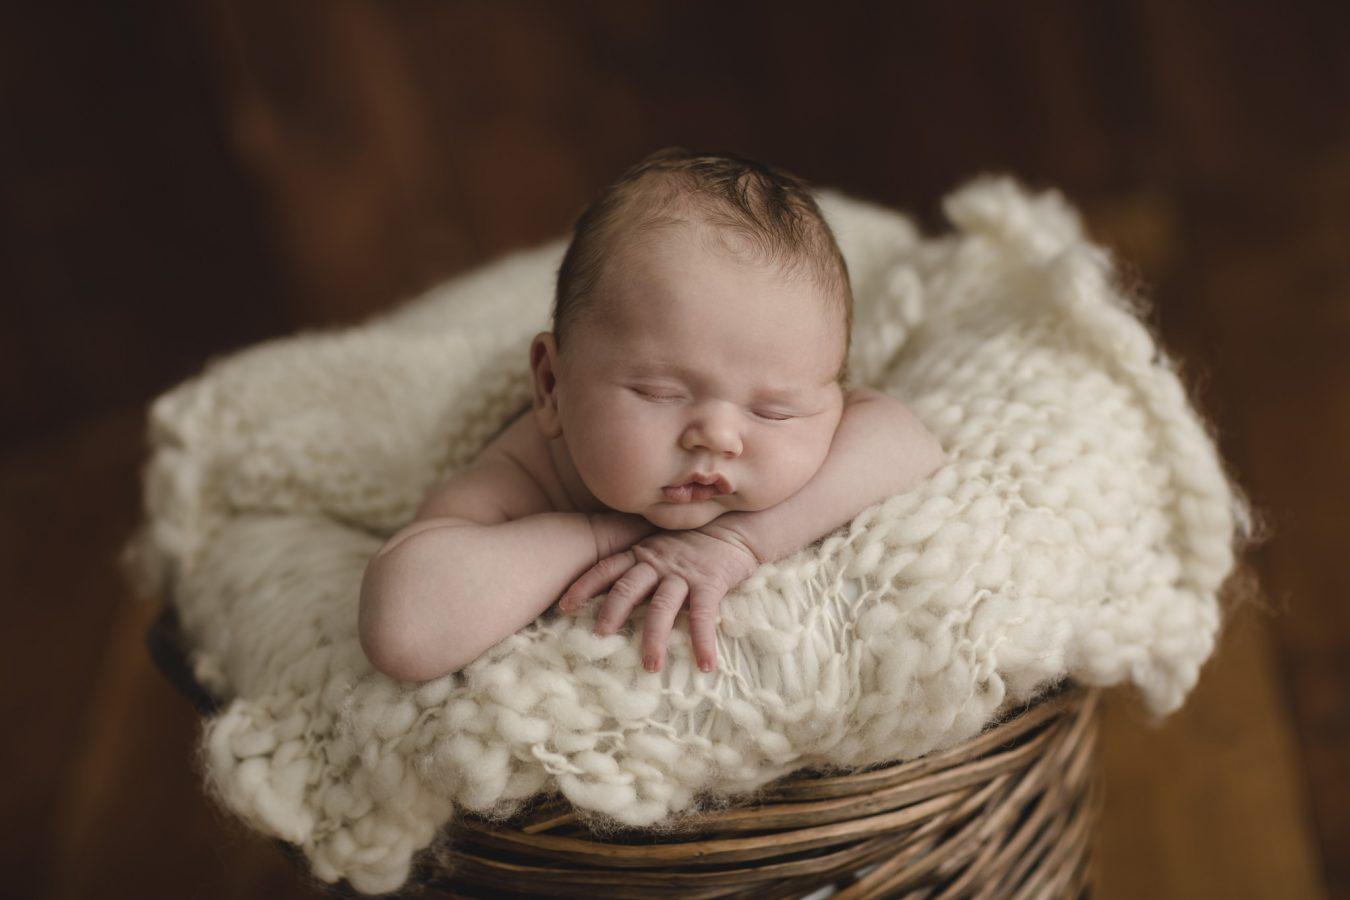 Babyfotograf Hamburg - Baby liegt im Körbchen und schläft